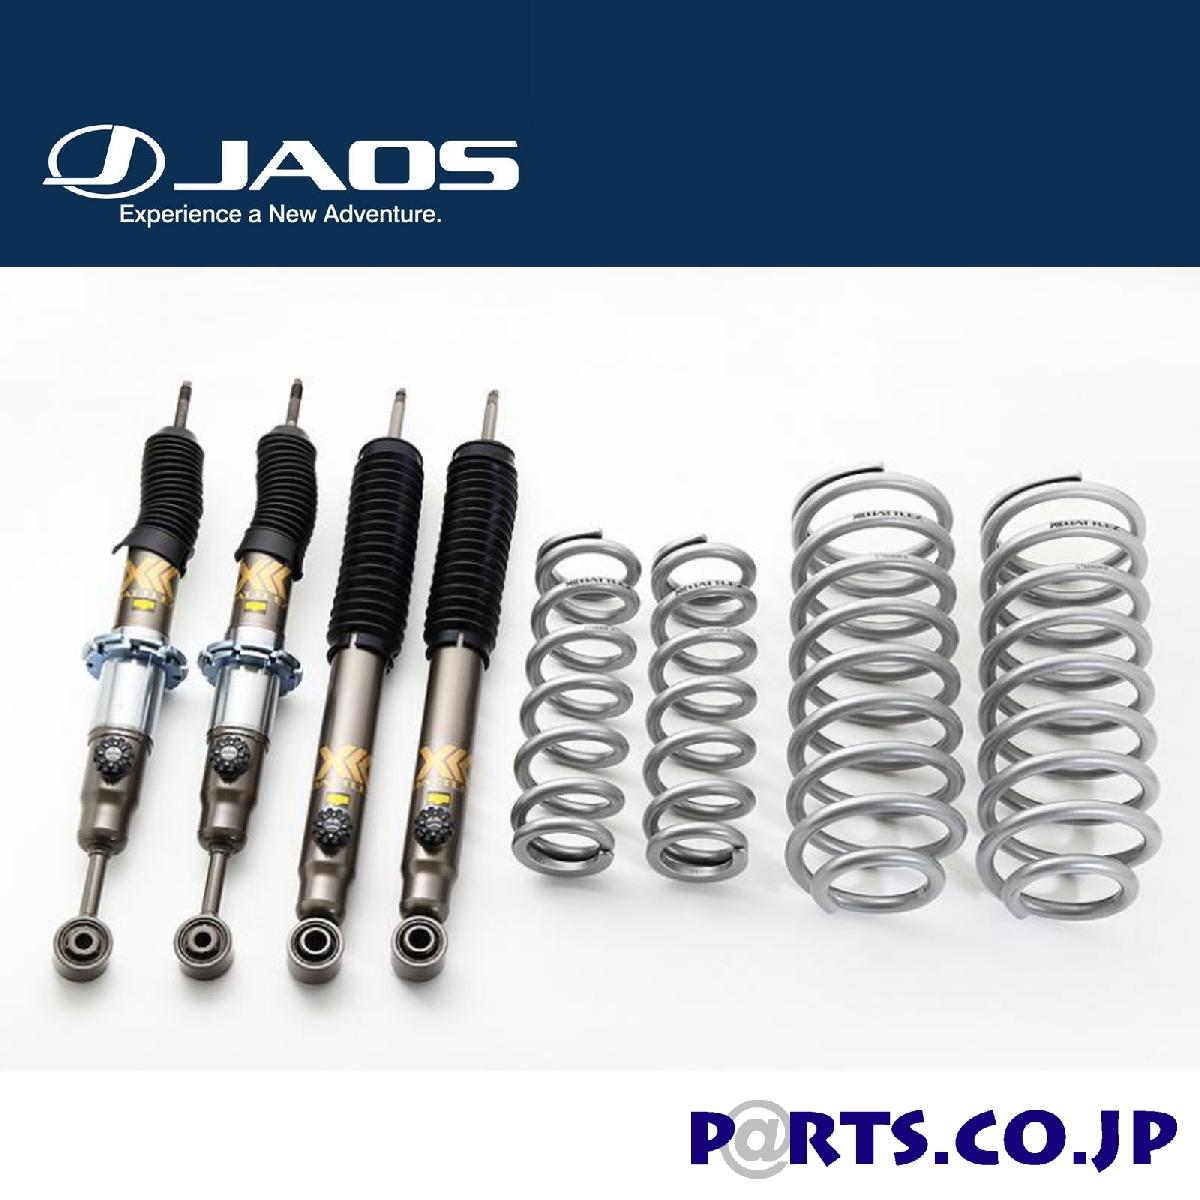 JAOS(ジャオス) トヨタ ランドクルーザープラド スプリング&ショックセット BATTLEZ UP SUSPENSION SET VFCA PRADO150 15+ GASOLINE4.0L/DIESEL